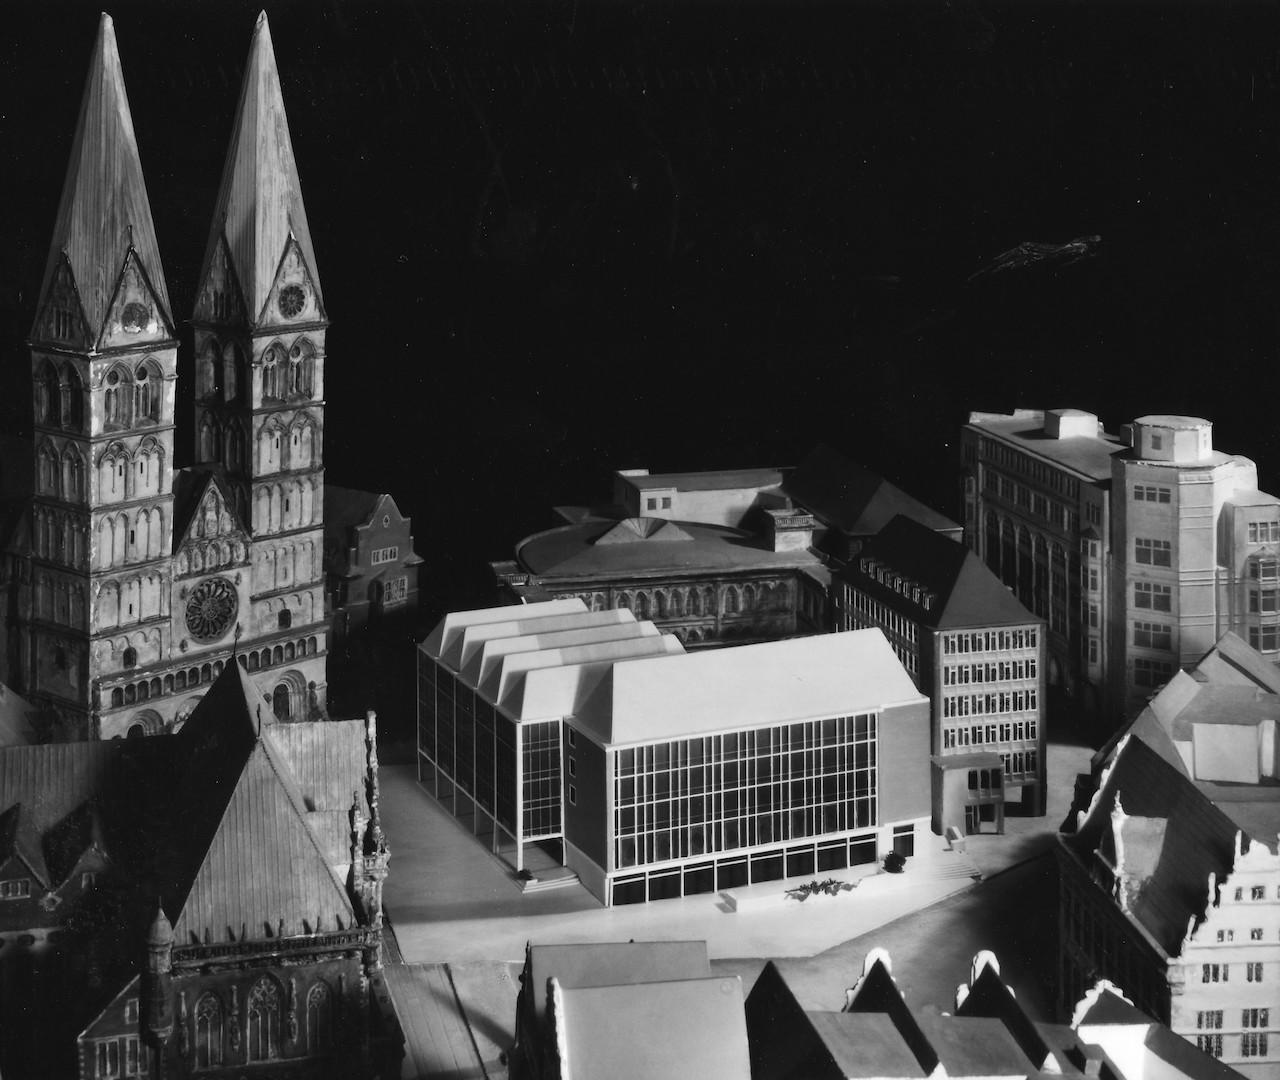 Auch nachgebessert: der überarbeitete Entwurf von Müller-Menckens. Quelle: Bremer Zentrum für Baukultur